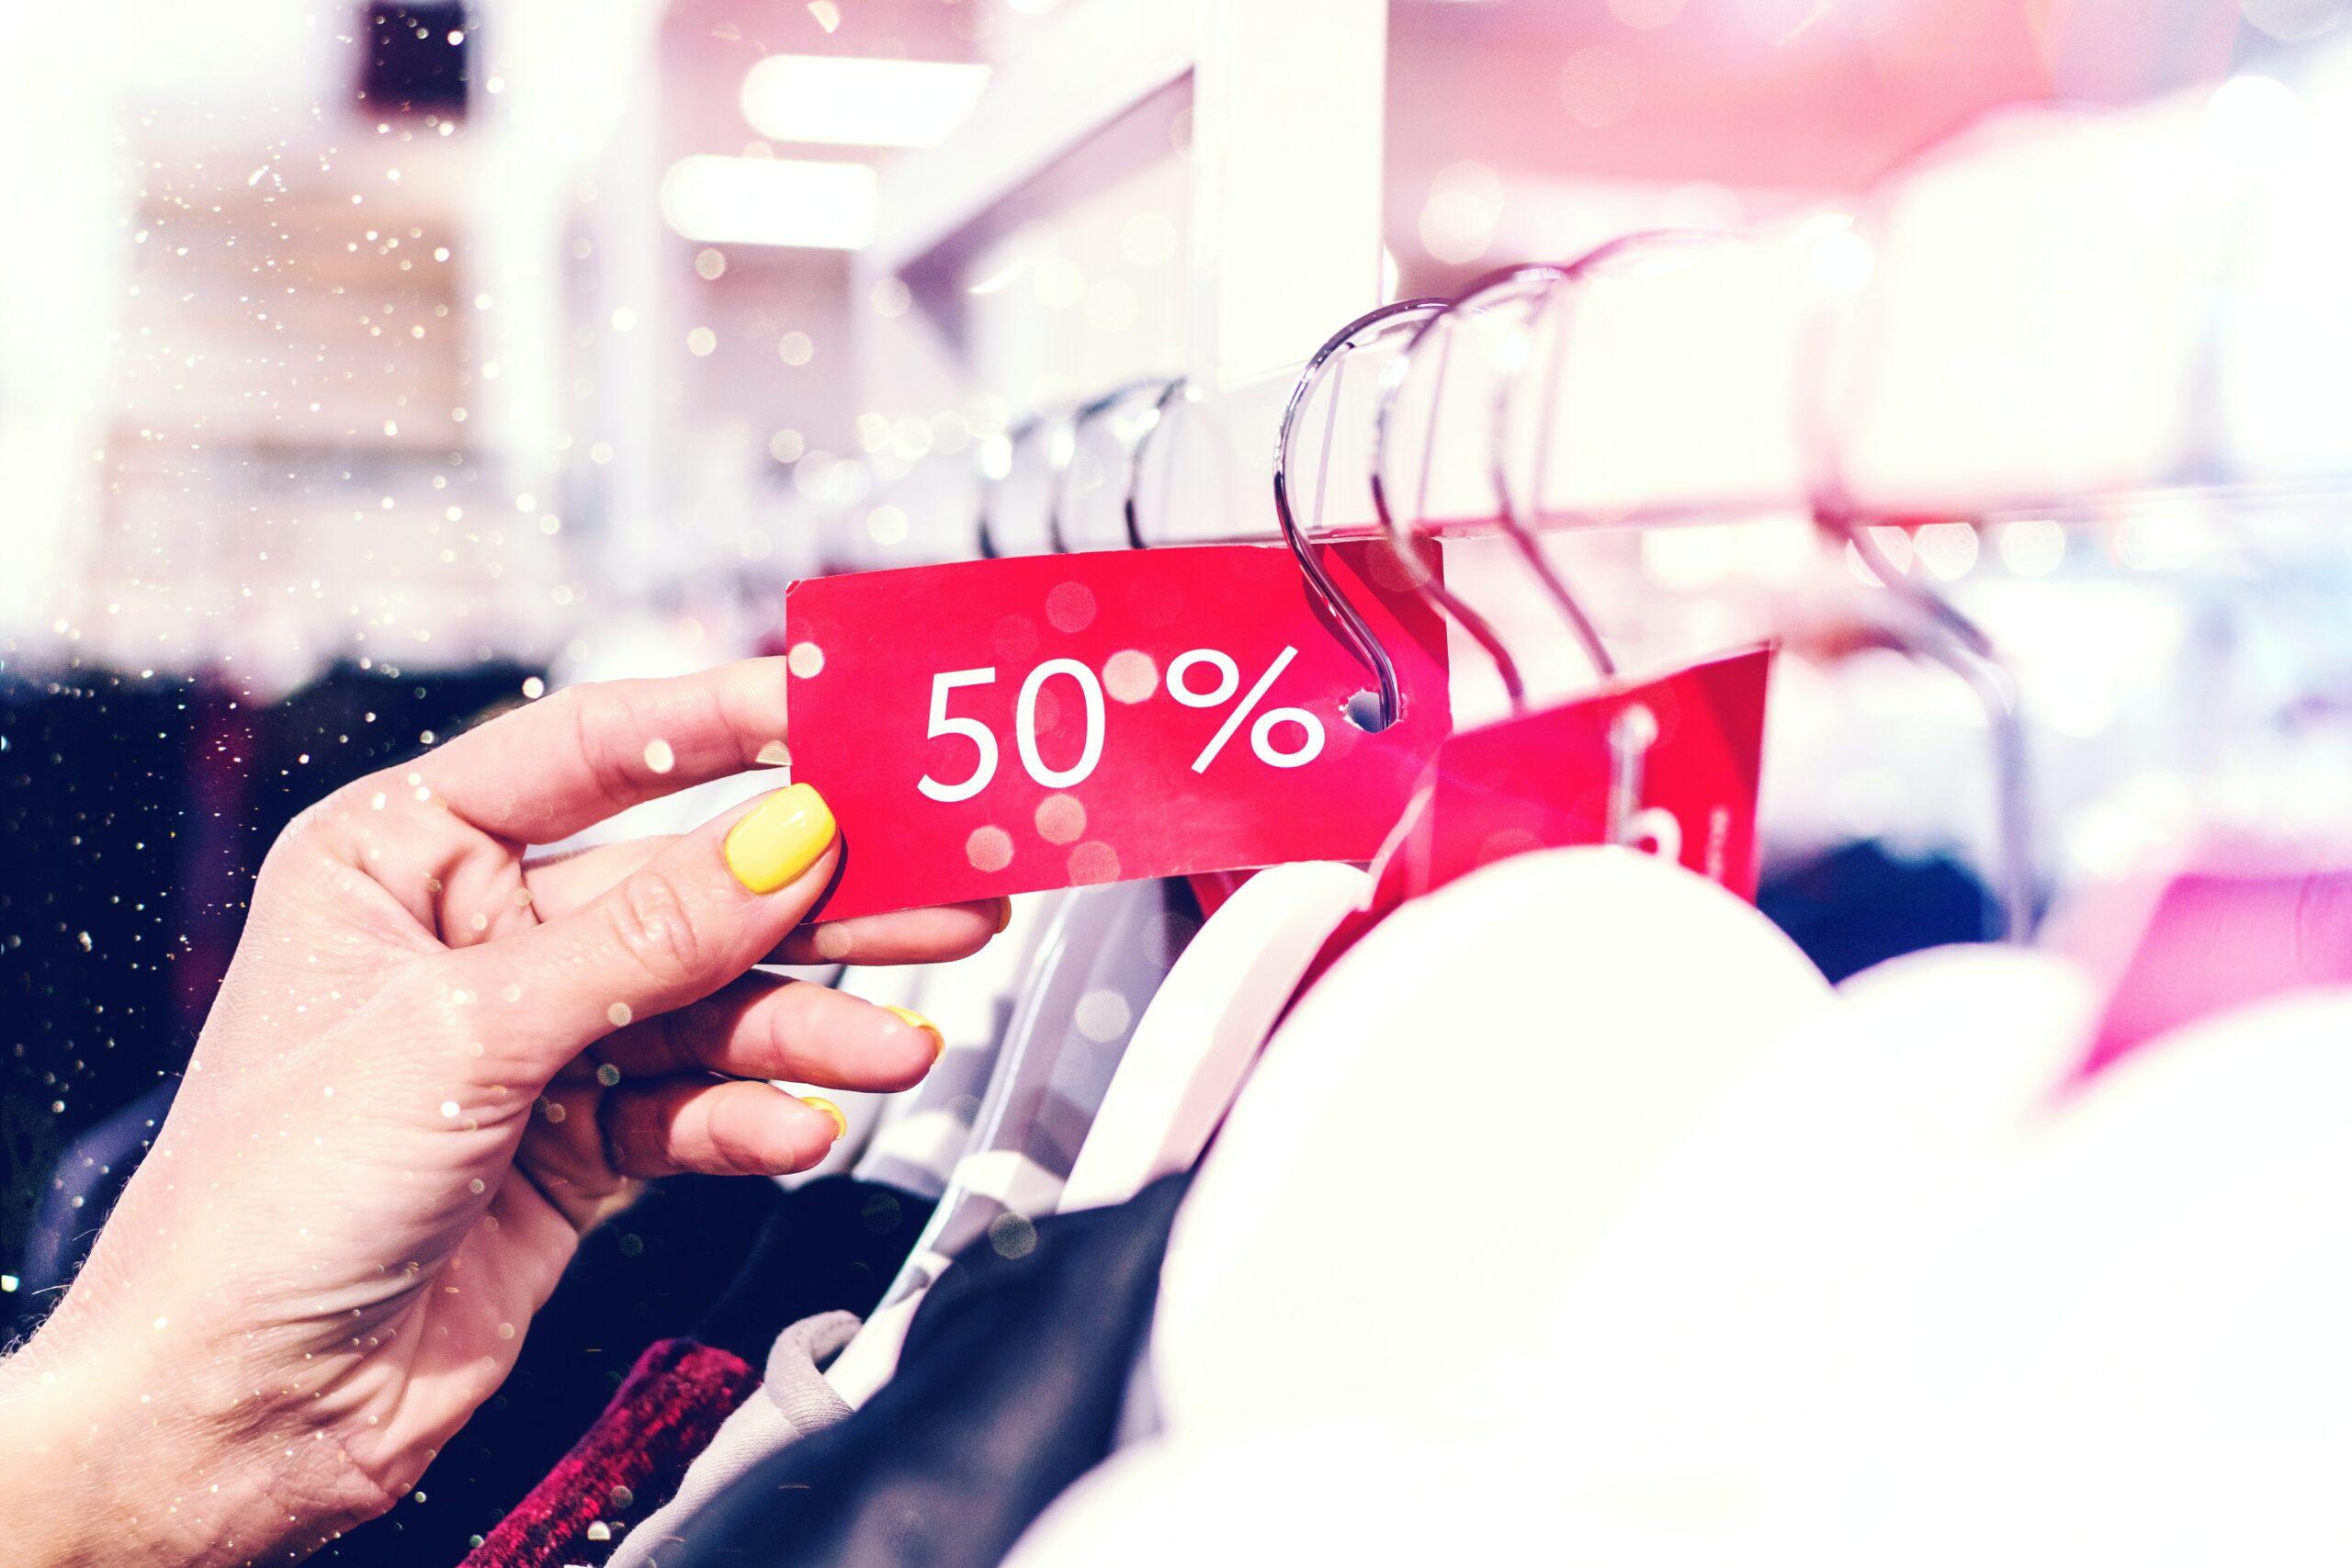 Flash Sales - отличия от обычных распродаж